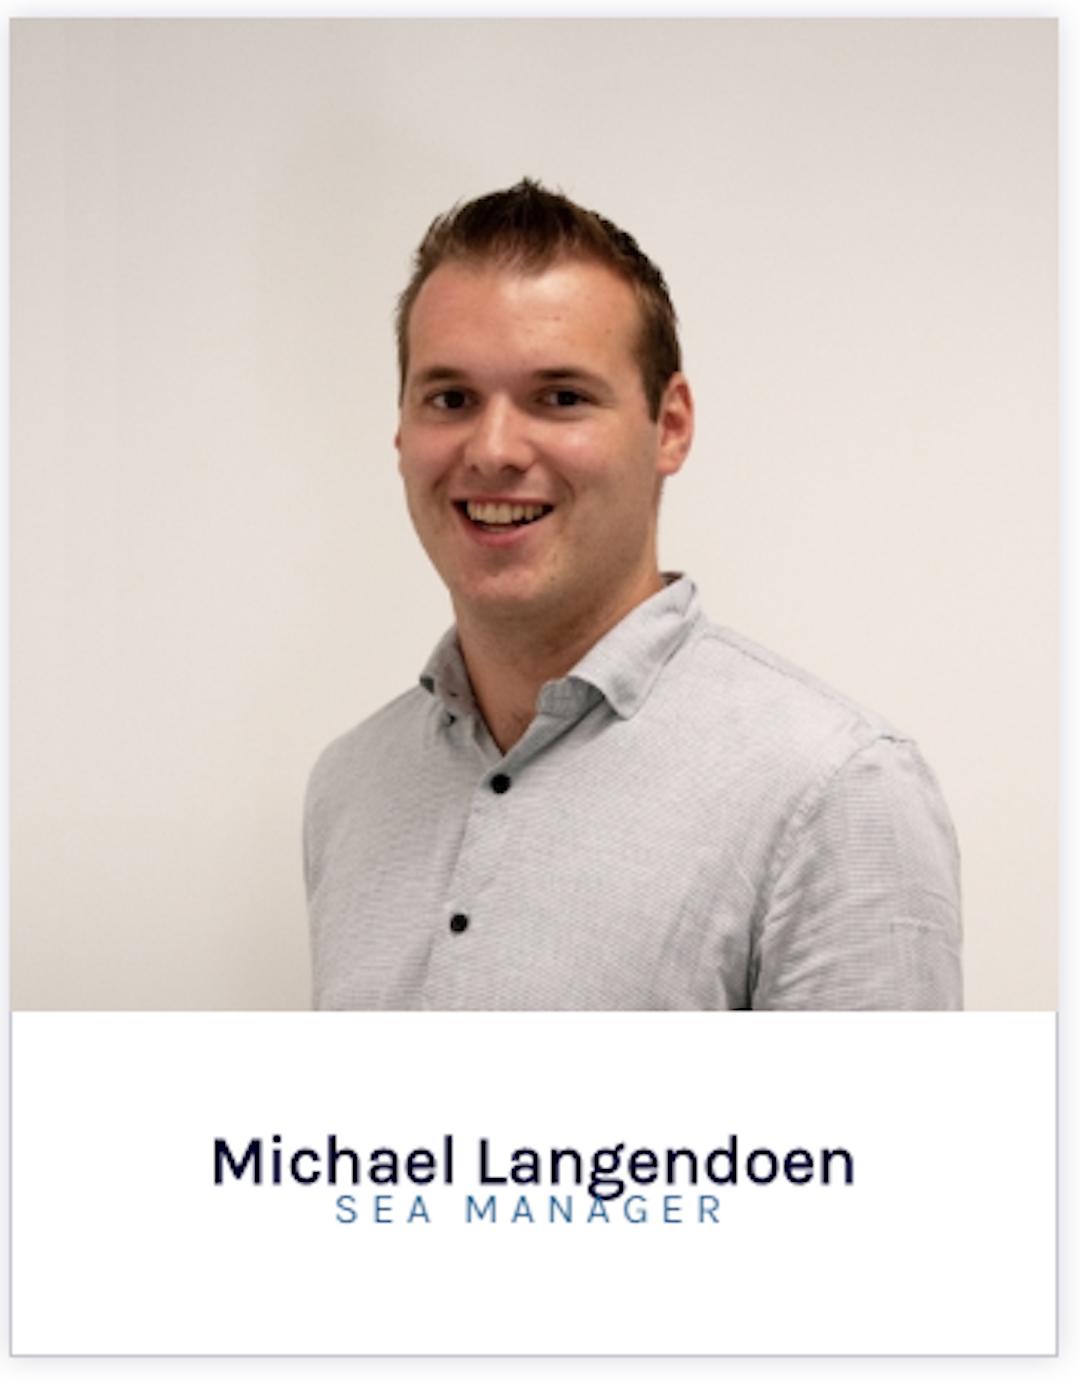 Michael Langendoen